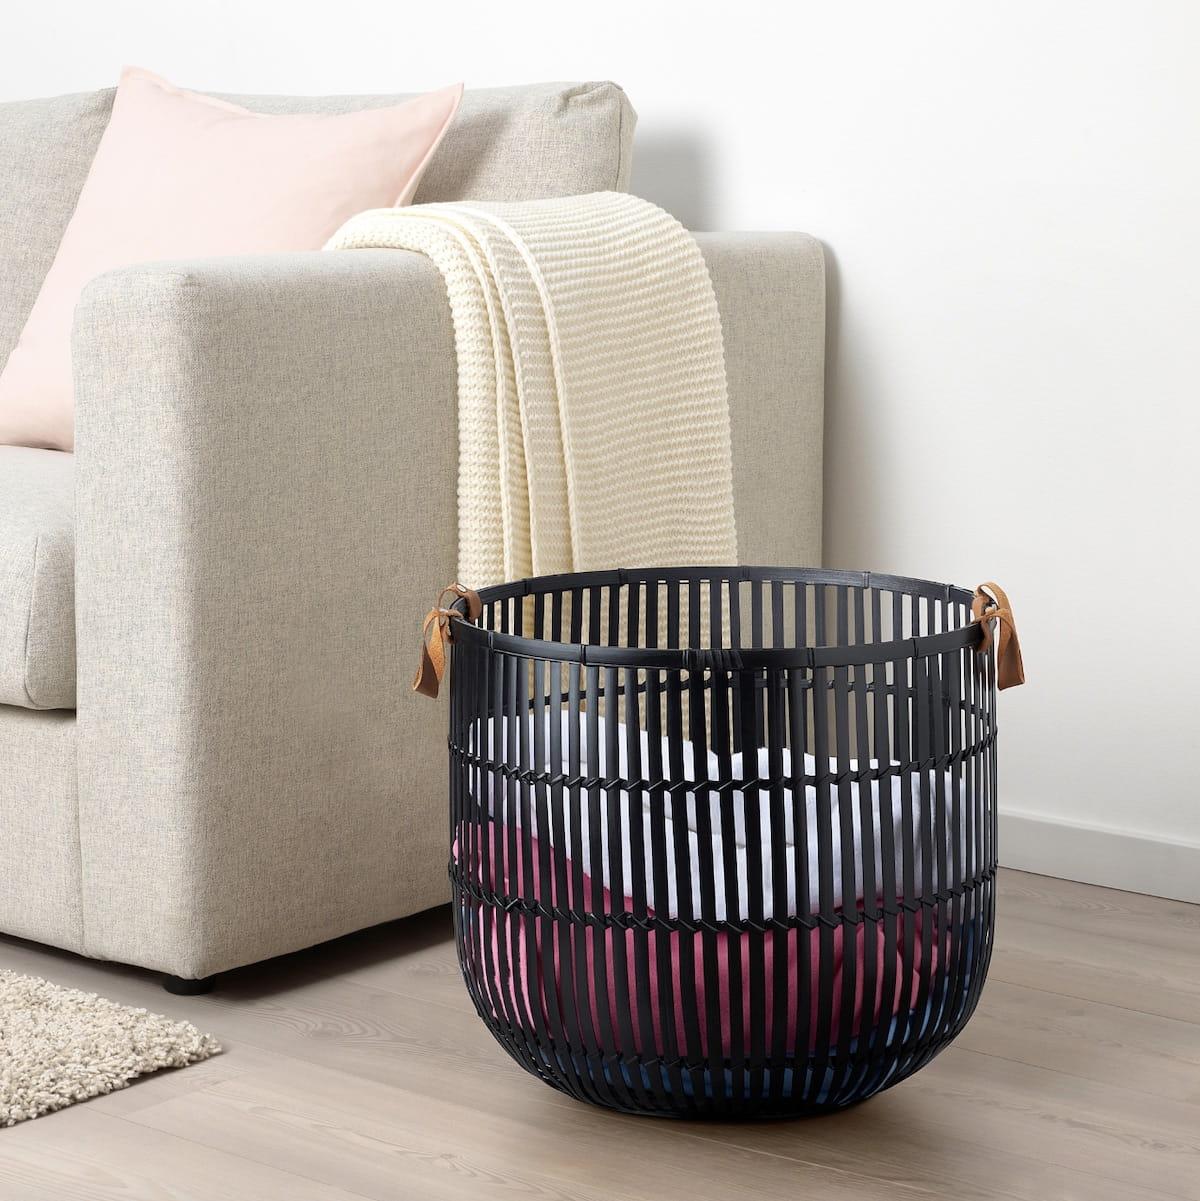 Latest IKEA product HURRING Bamboo Basket